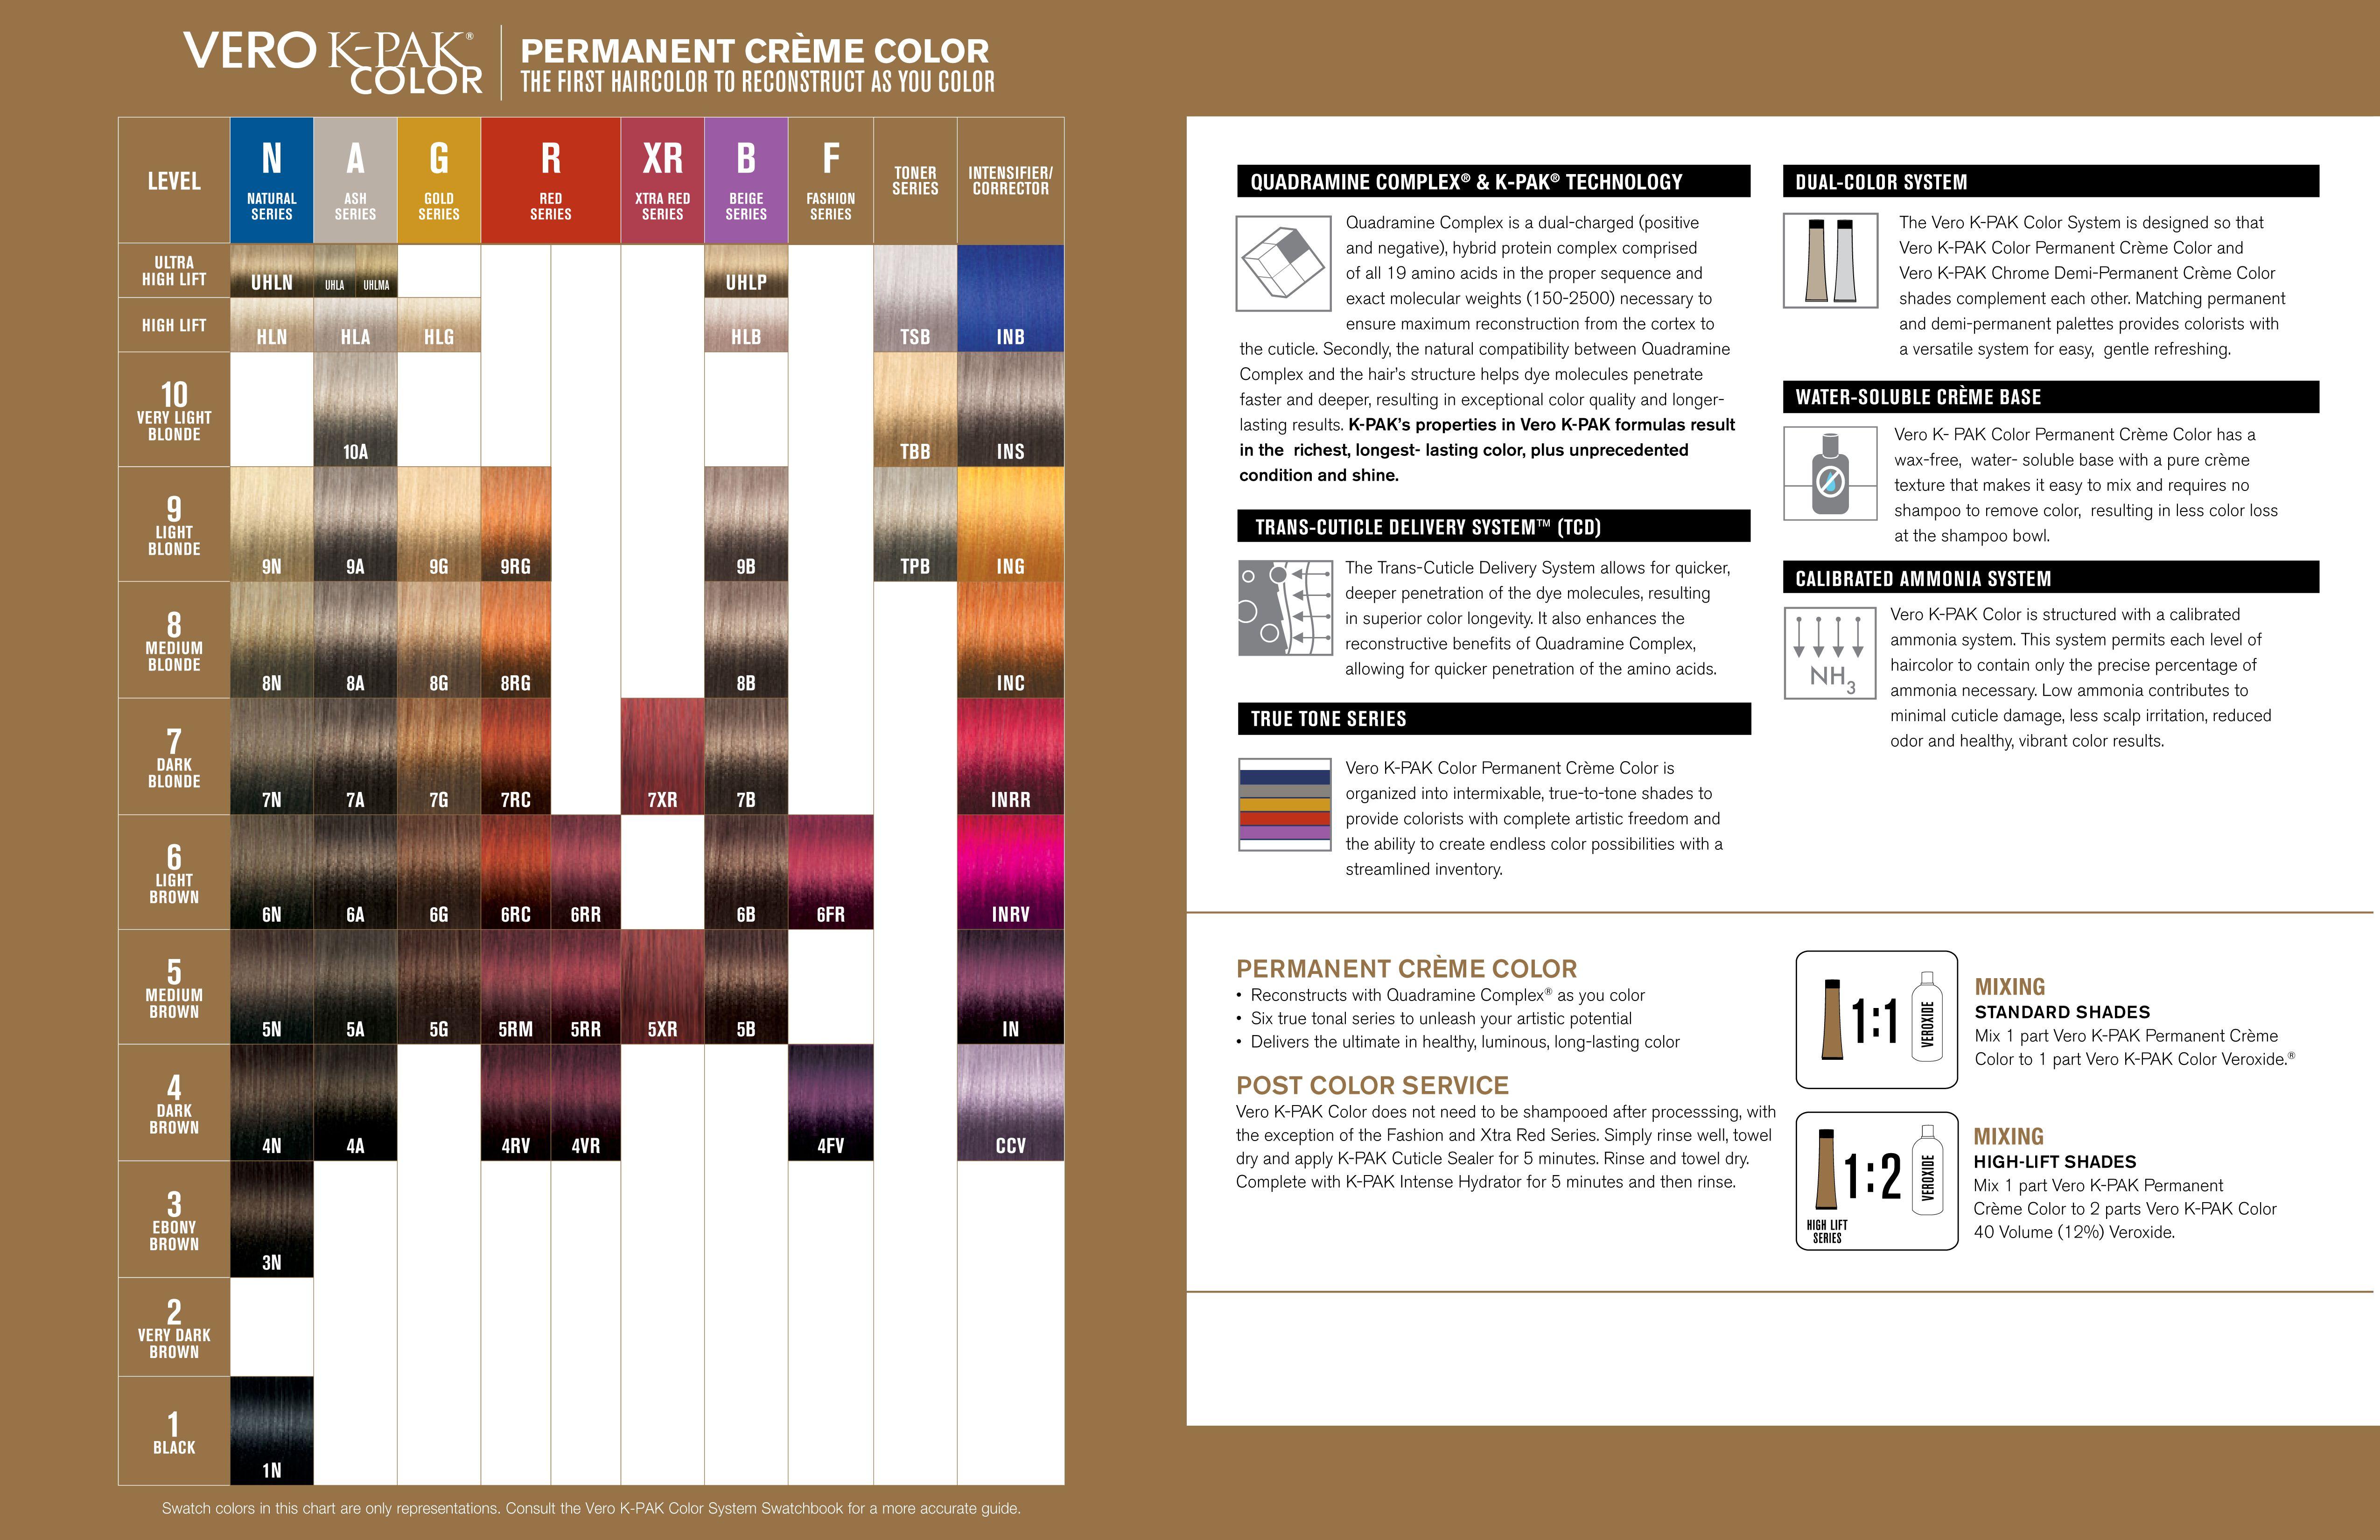 Joico vero k pak color permanent crme color palette november joico vero k pak color permanent crme color palette november 2015 nvjuhfo Image collections